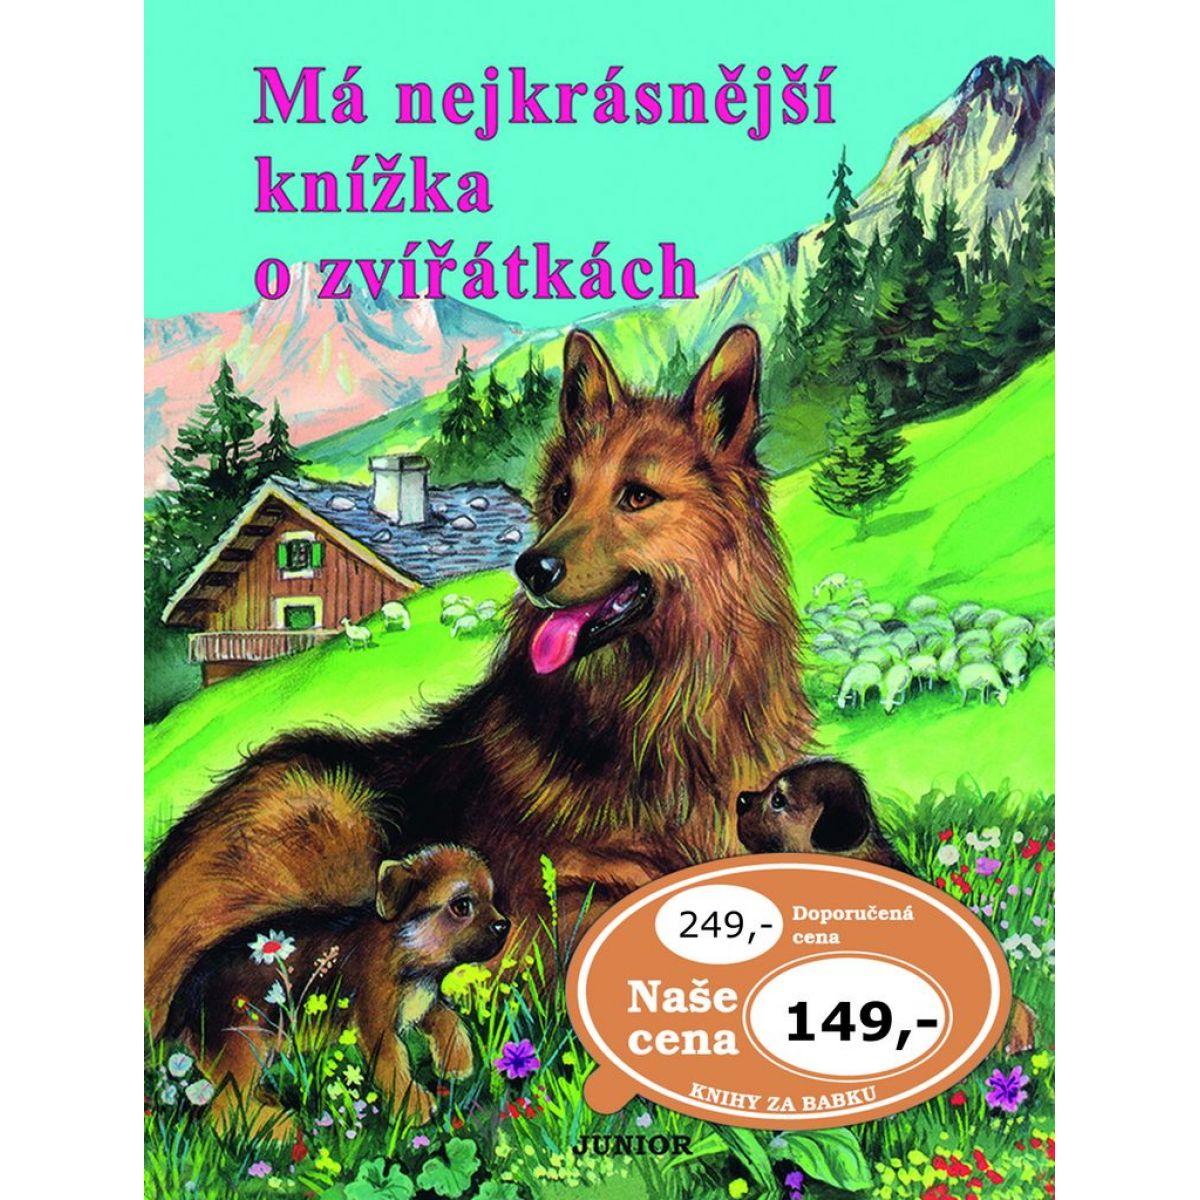 Má nejkrásnější knížka o zvířátkách